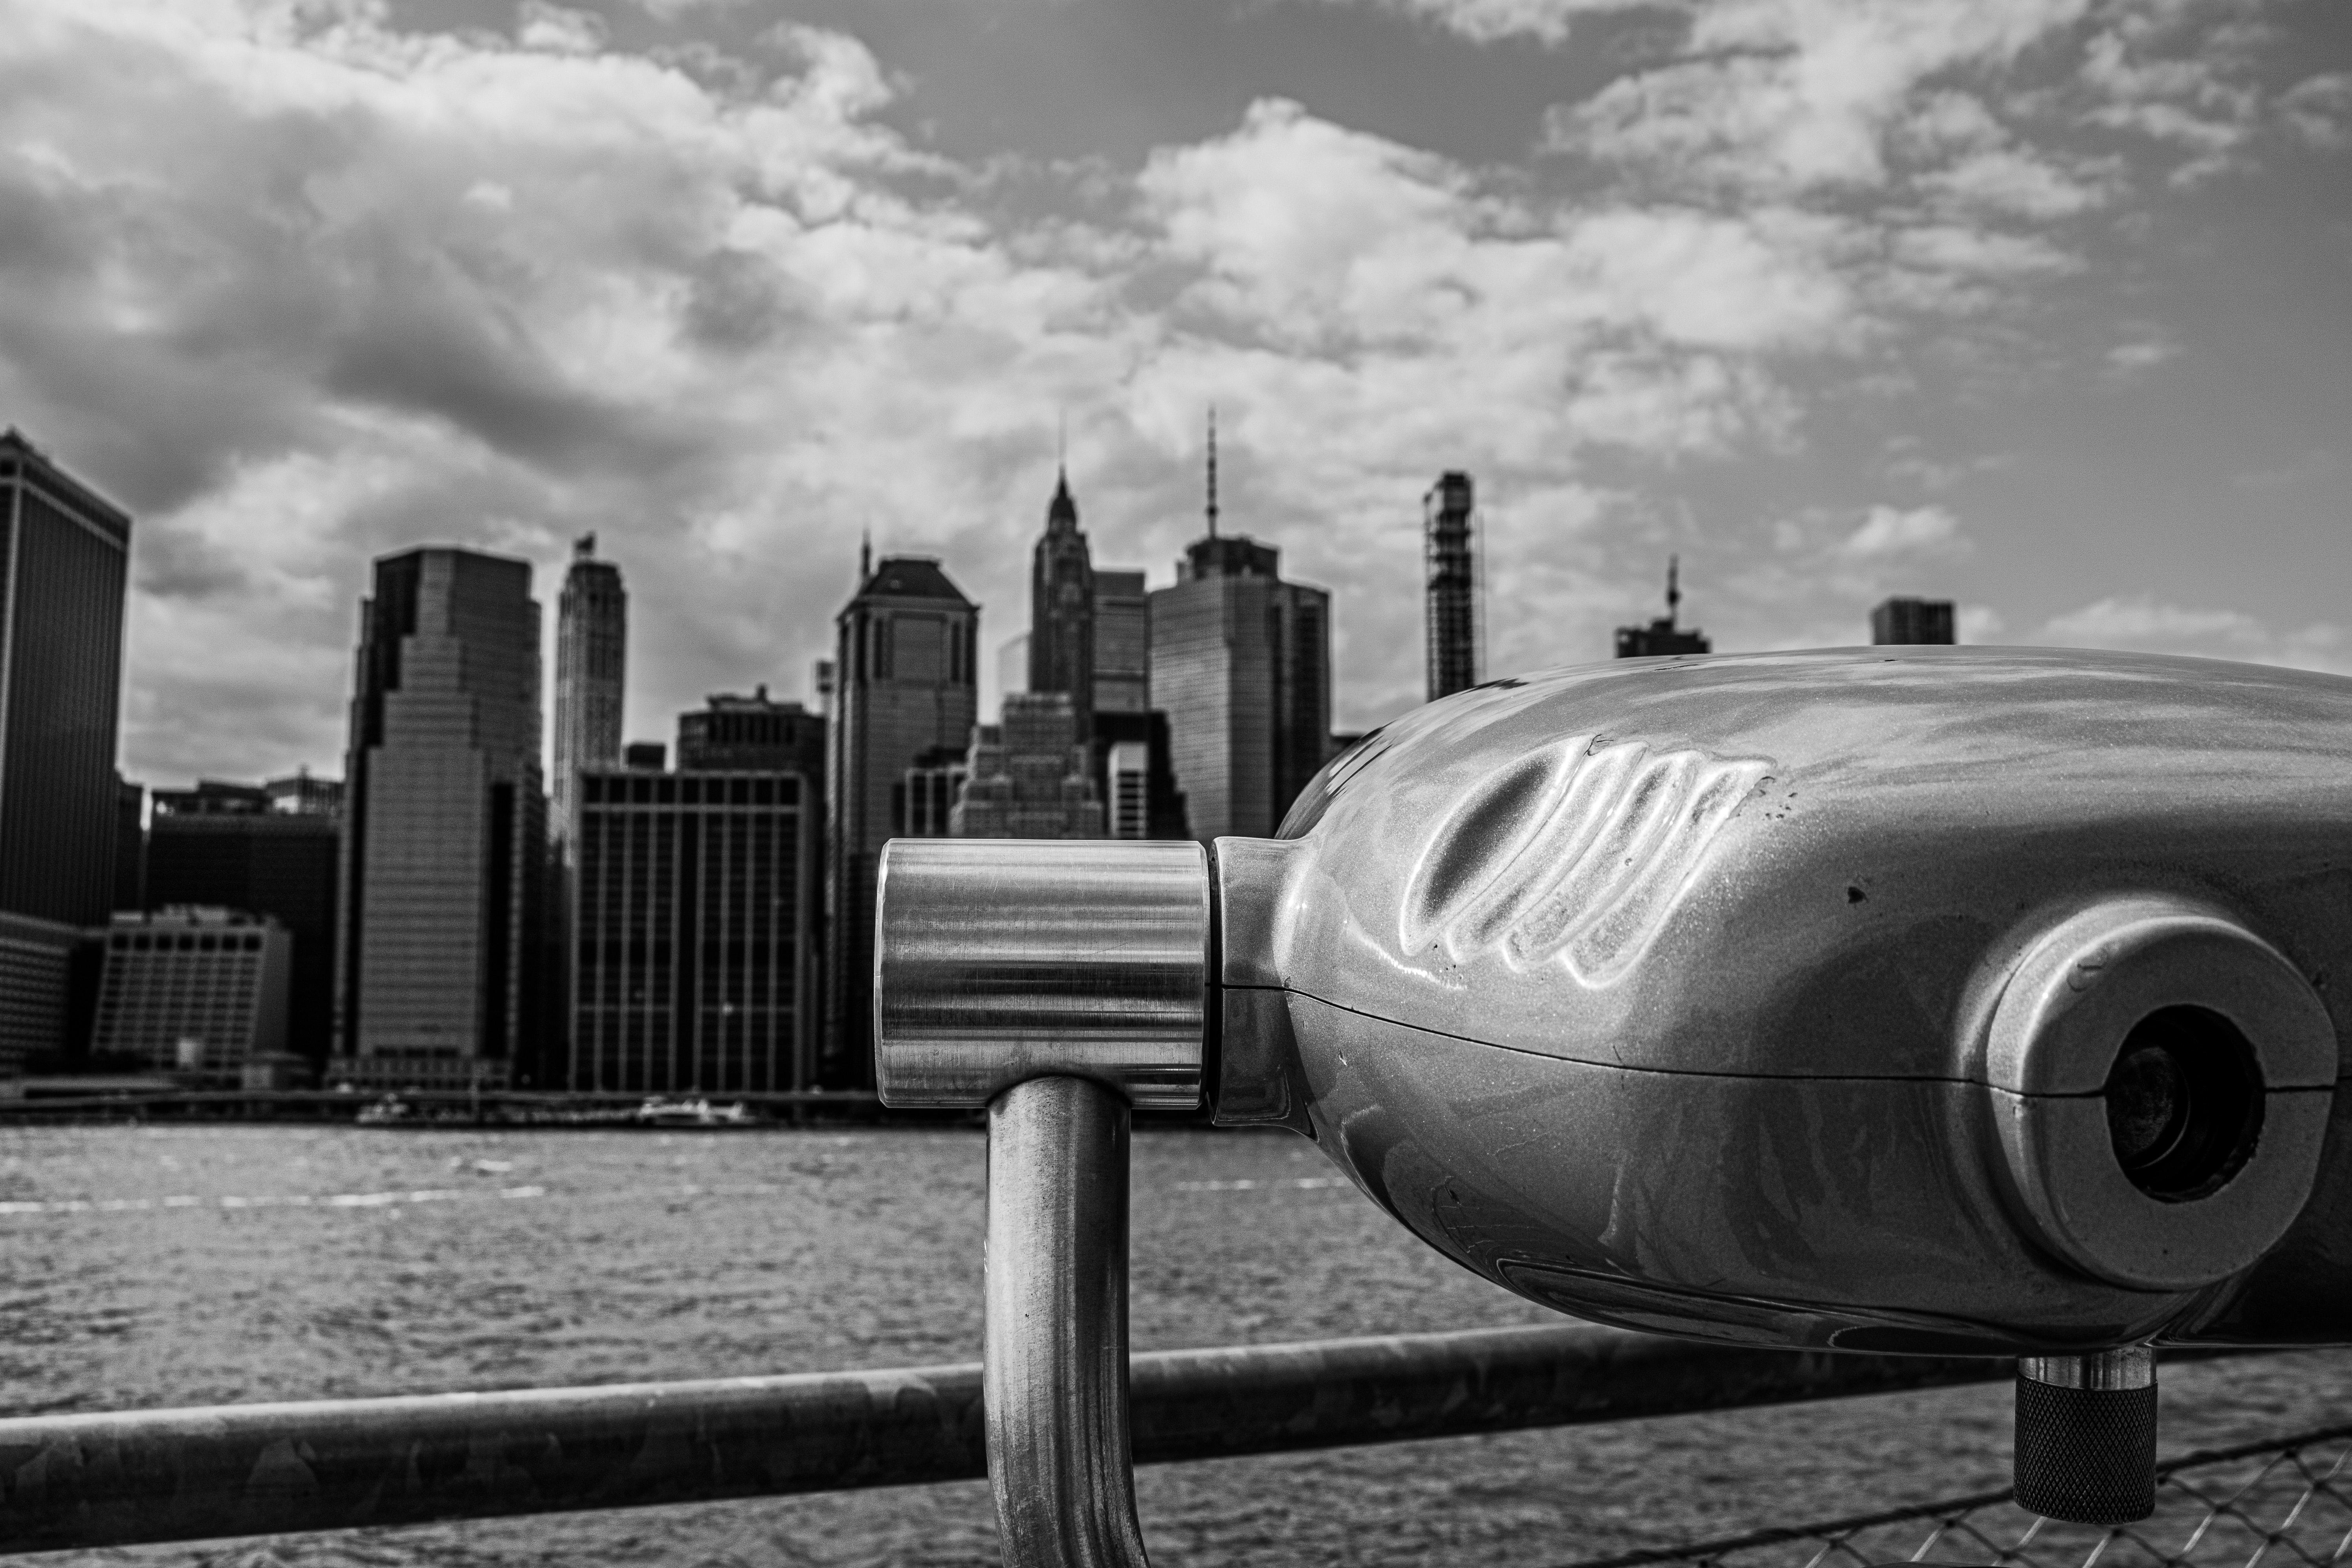 Fotografía de binoculares apuntando hacia una gran ciudad.